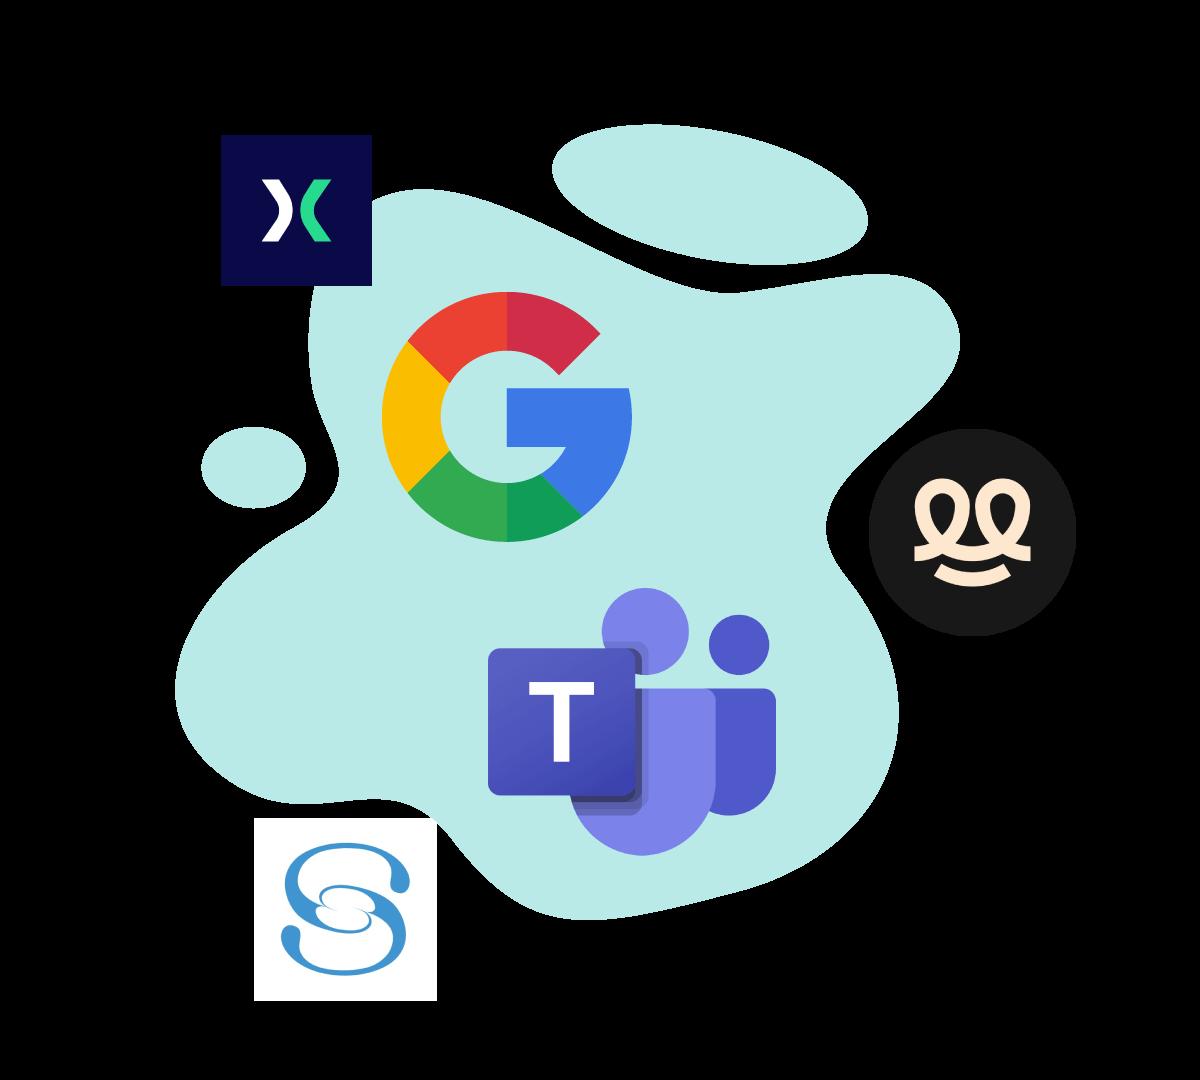 logo des différents acteurs accueil digital comeen, sharing cloud, proxyclick